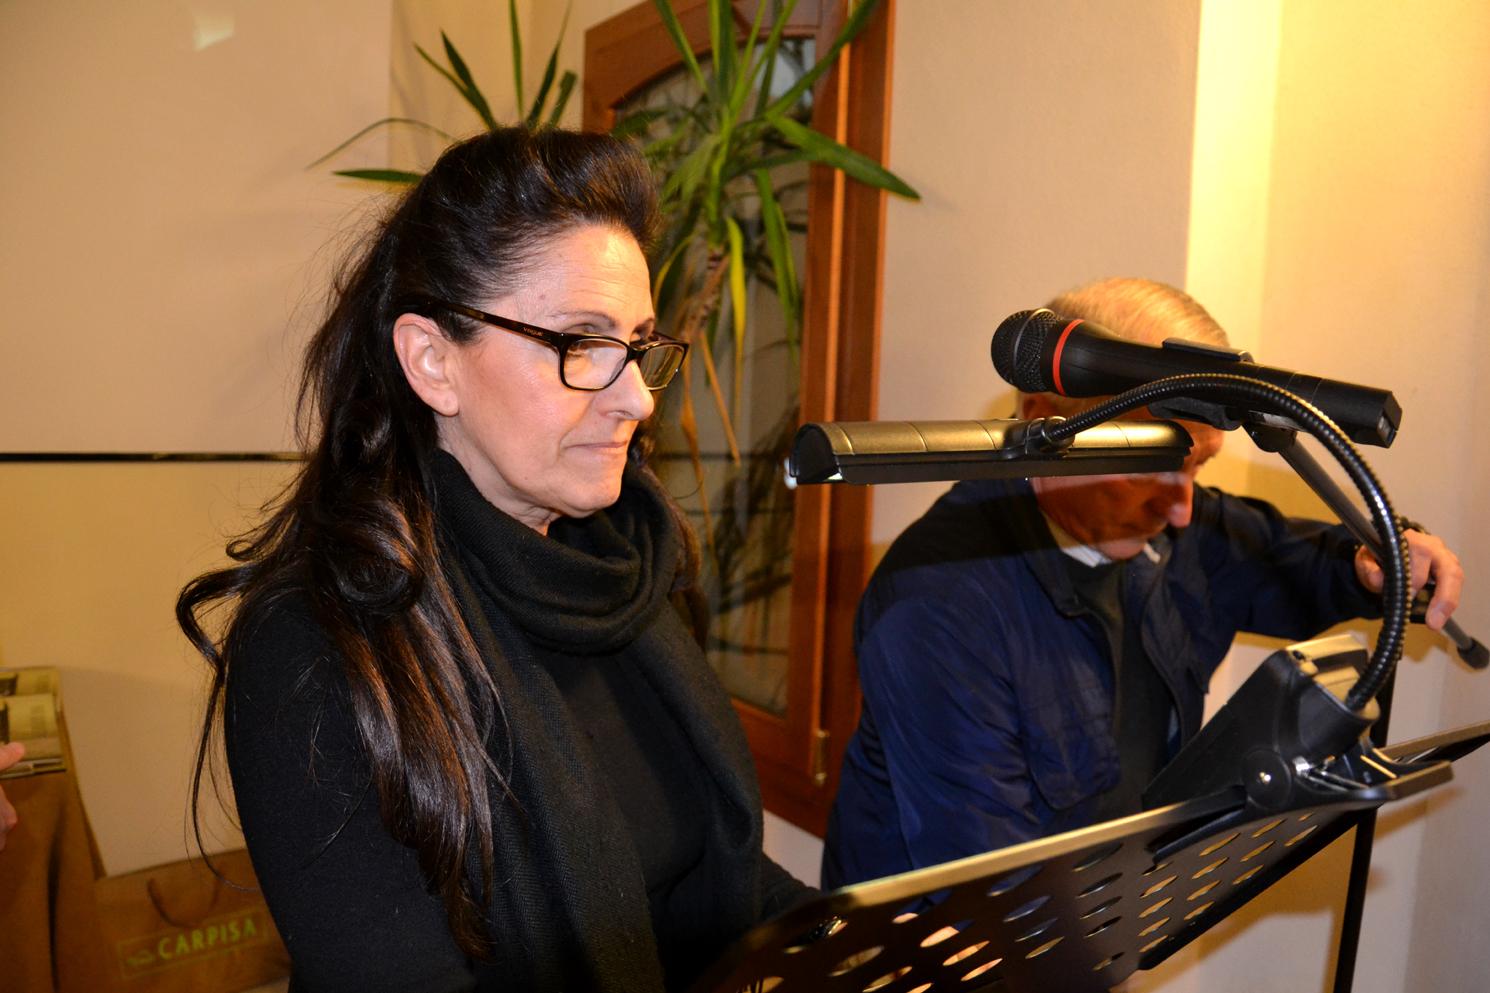 04 - Anna Branciforti alla regolazione del leggio e microfono.JPG